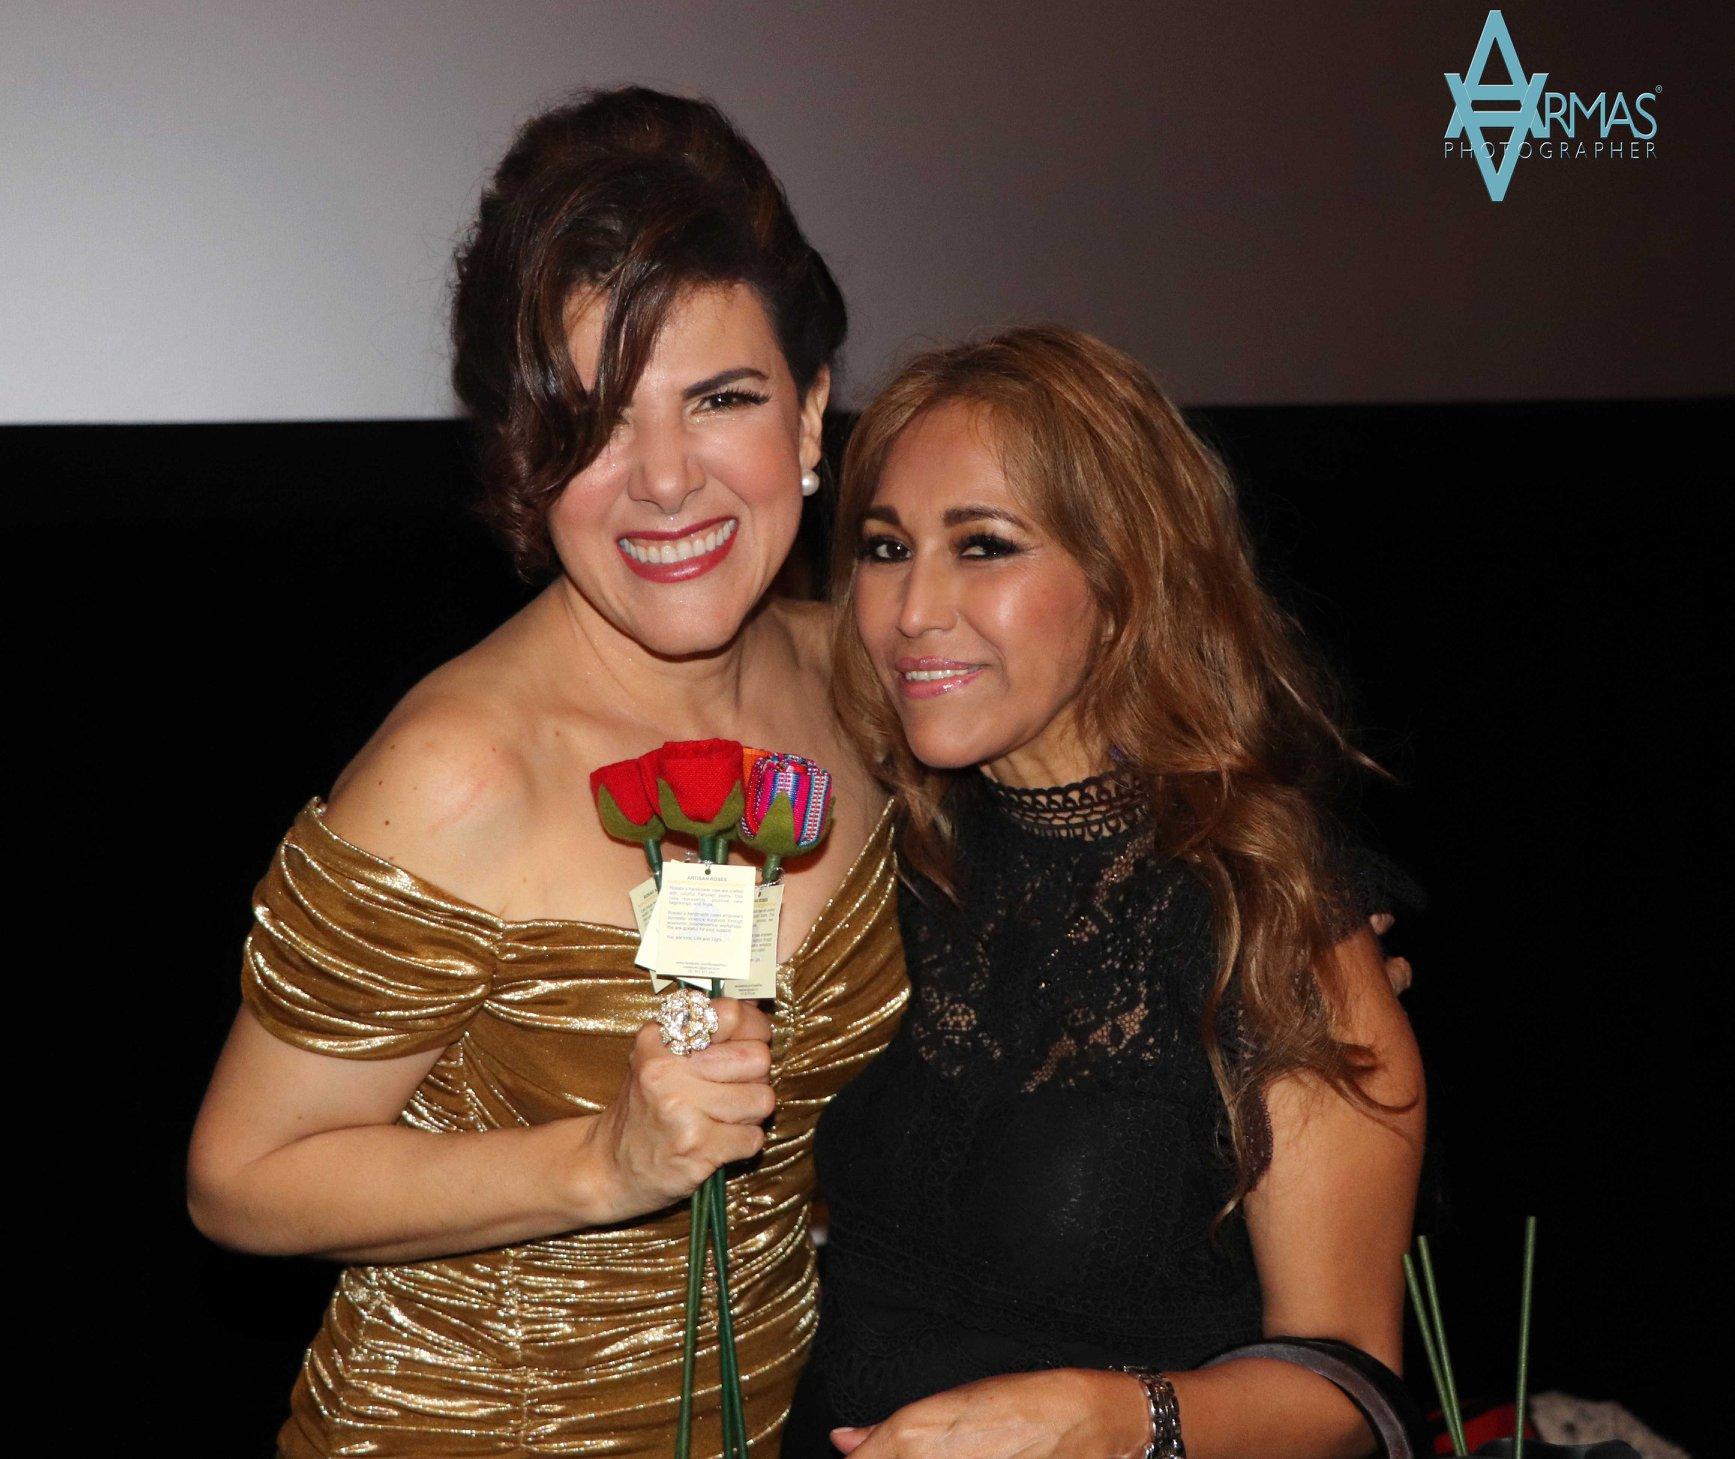 Rosalinda y amiga y flor.jpg